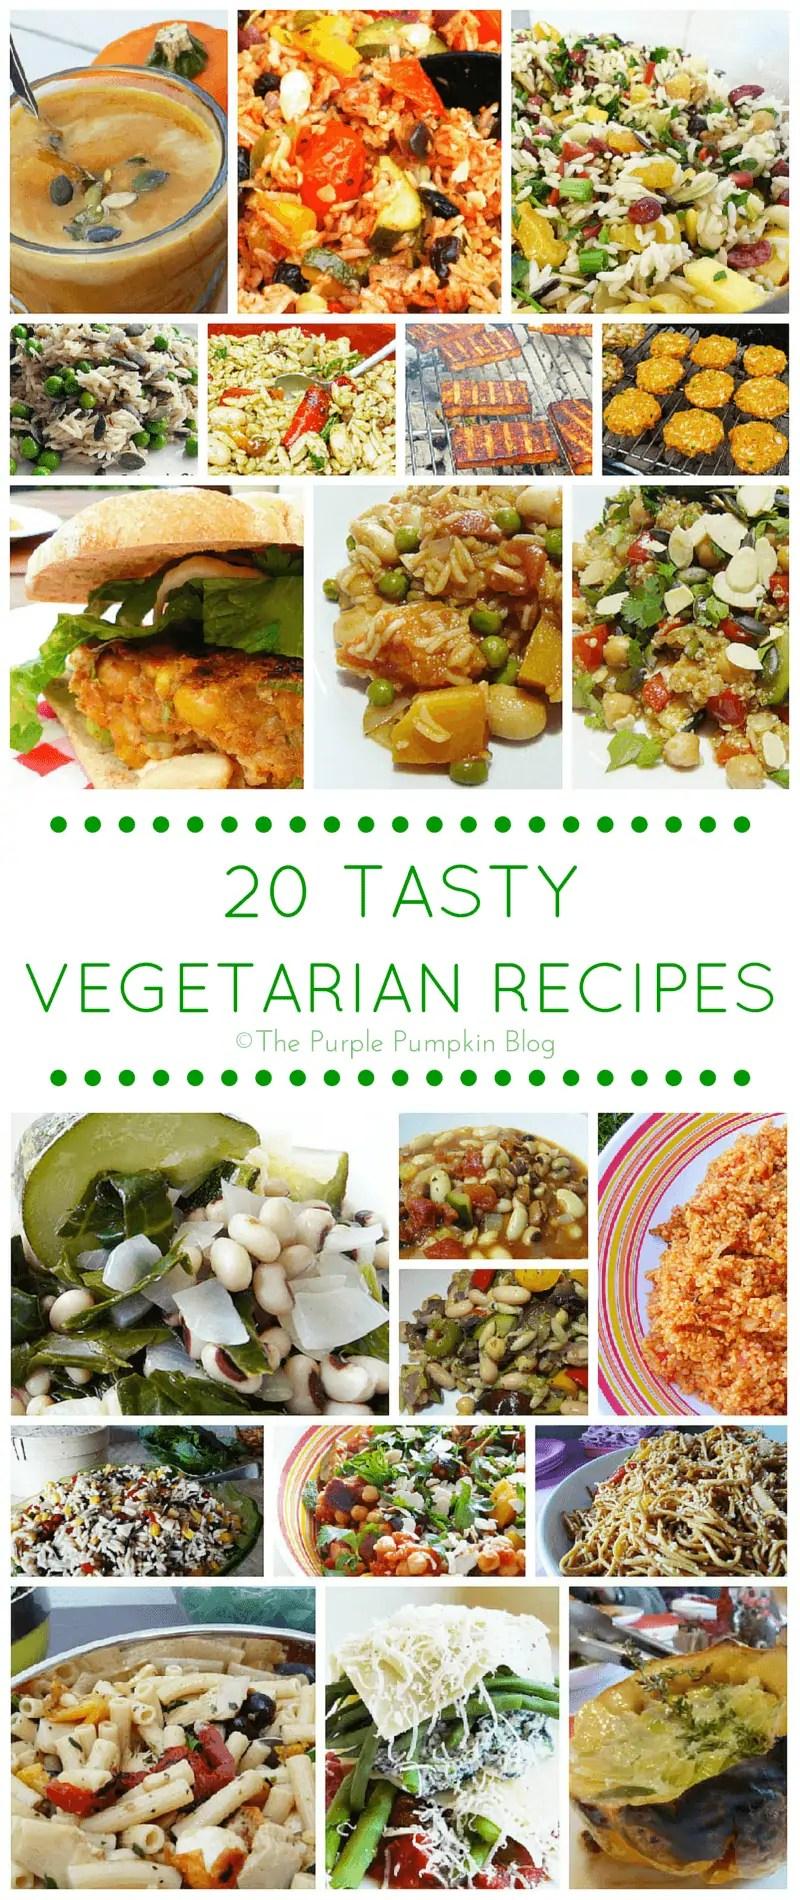 20 Tasty Vegetarian Recipes